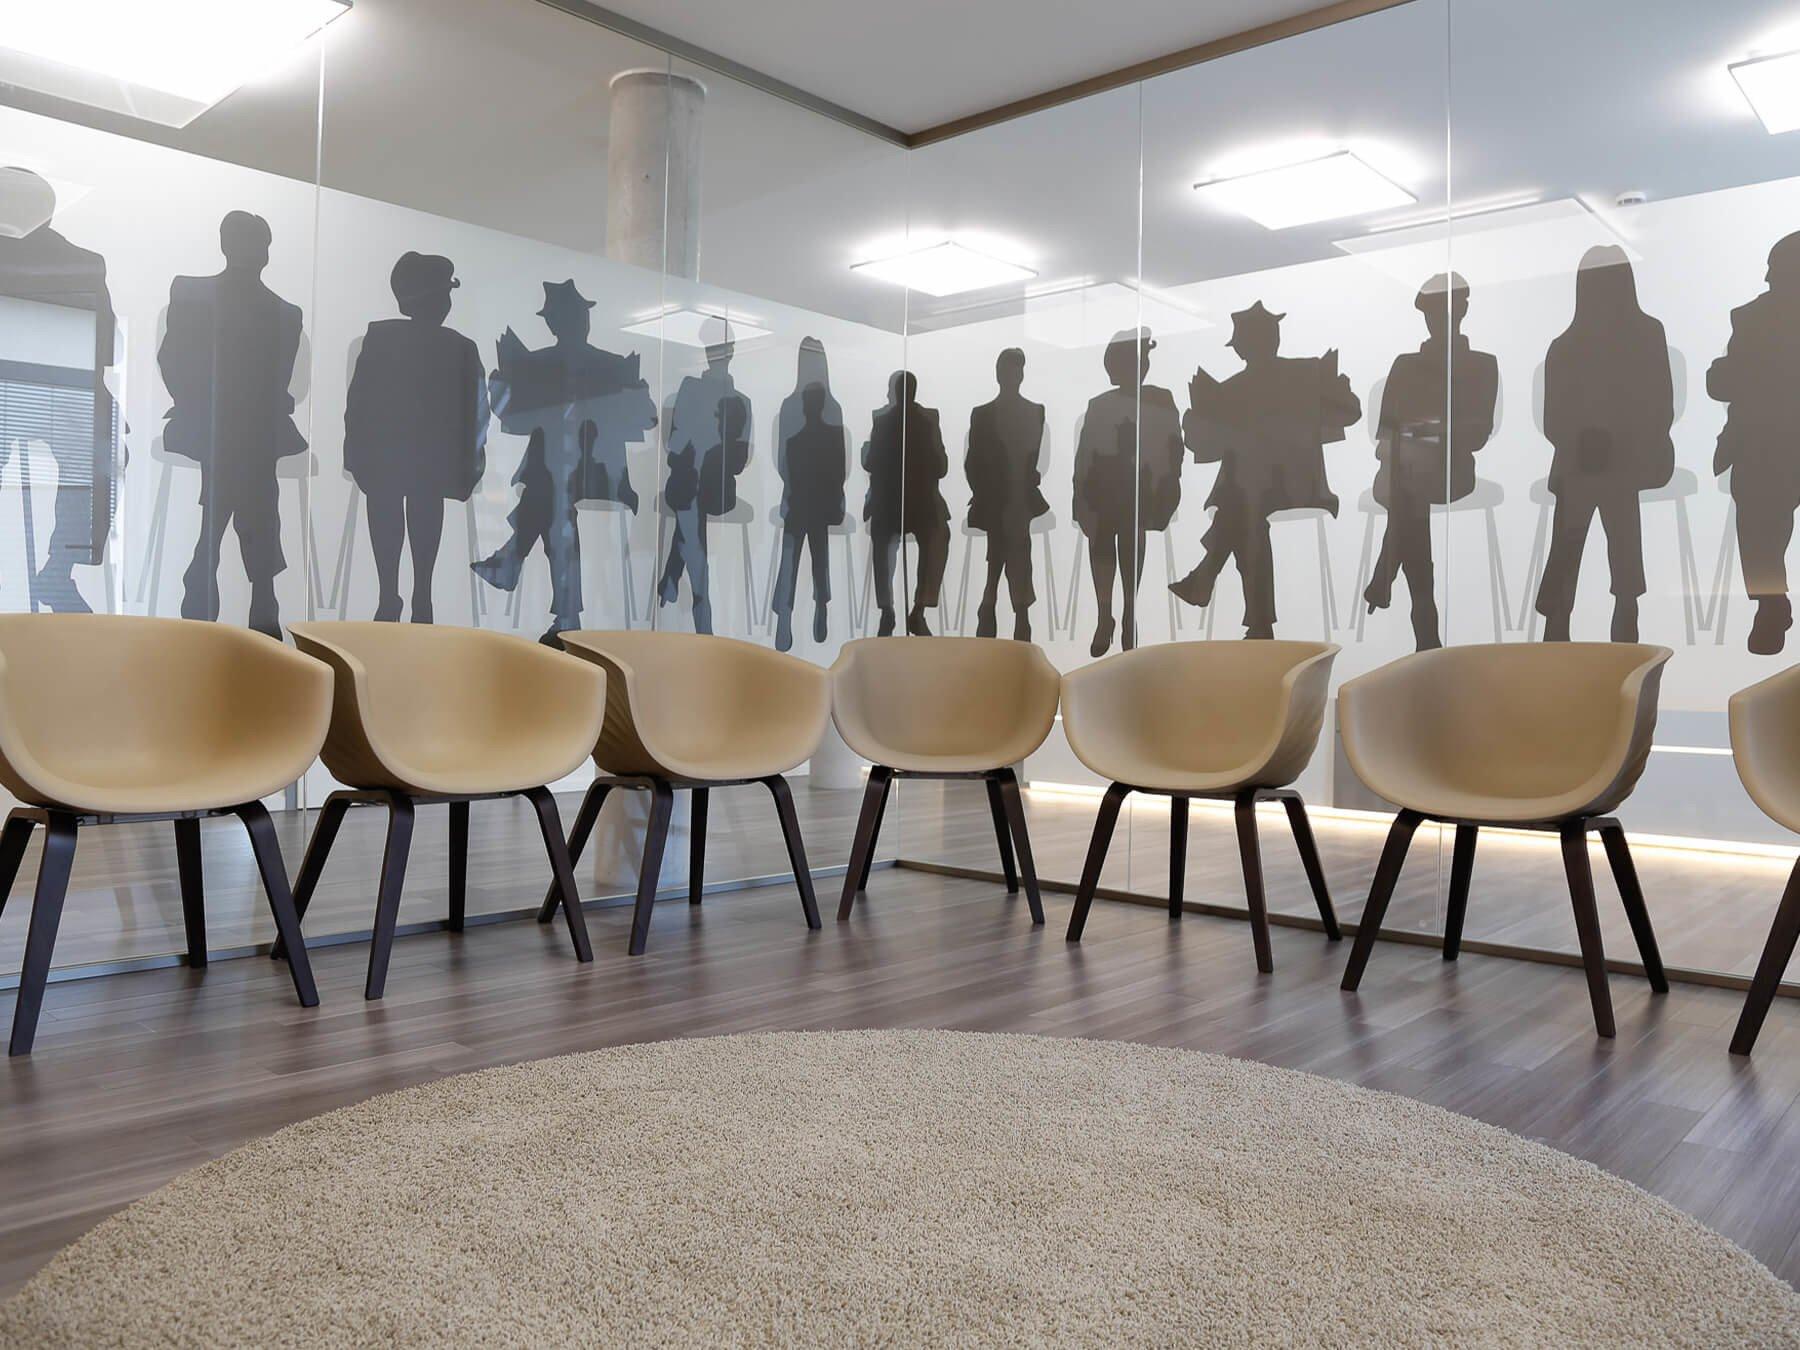 Mehrere Stühle im Halbkreis